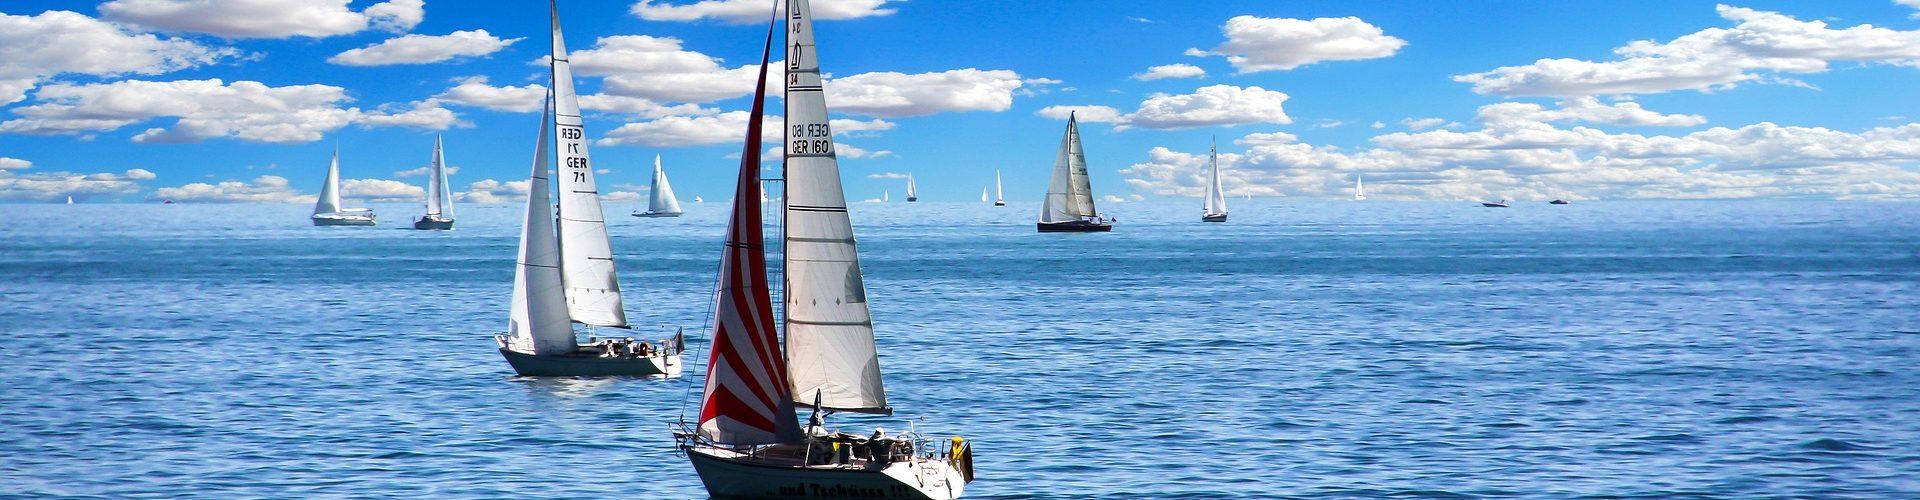 segeln lernen in Ahlbeck segelschein machen in Ahlbeck 1920x500 - Segeln lernen in Ahlbeck